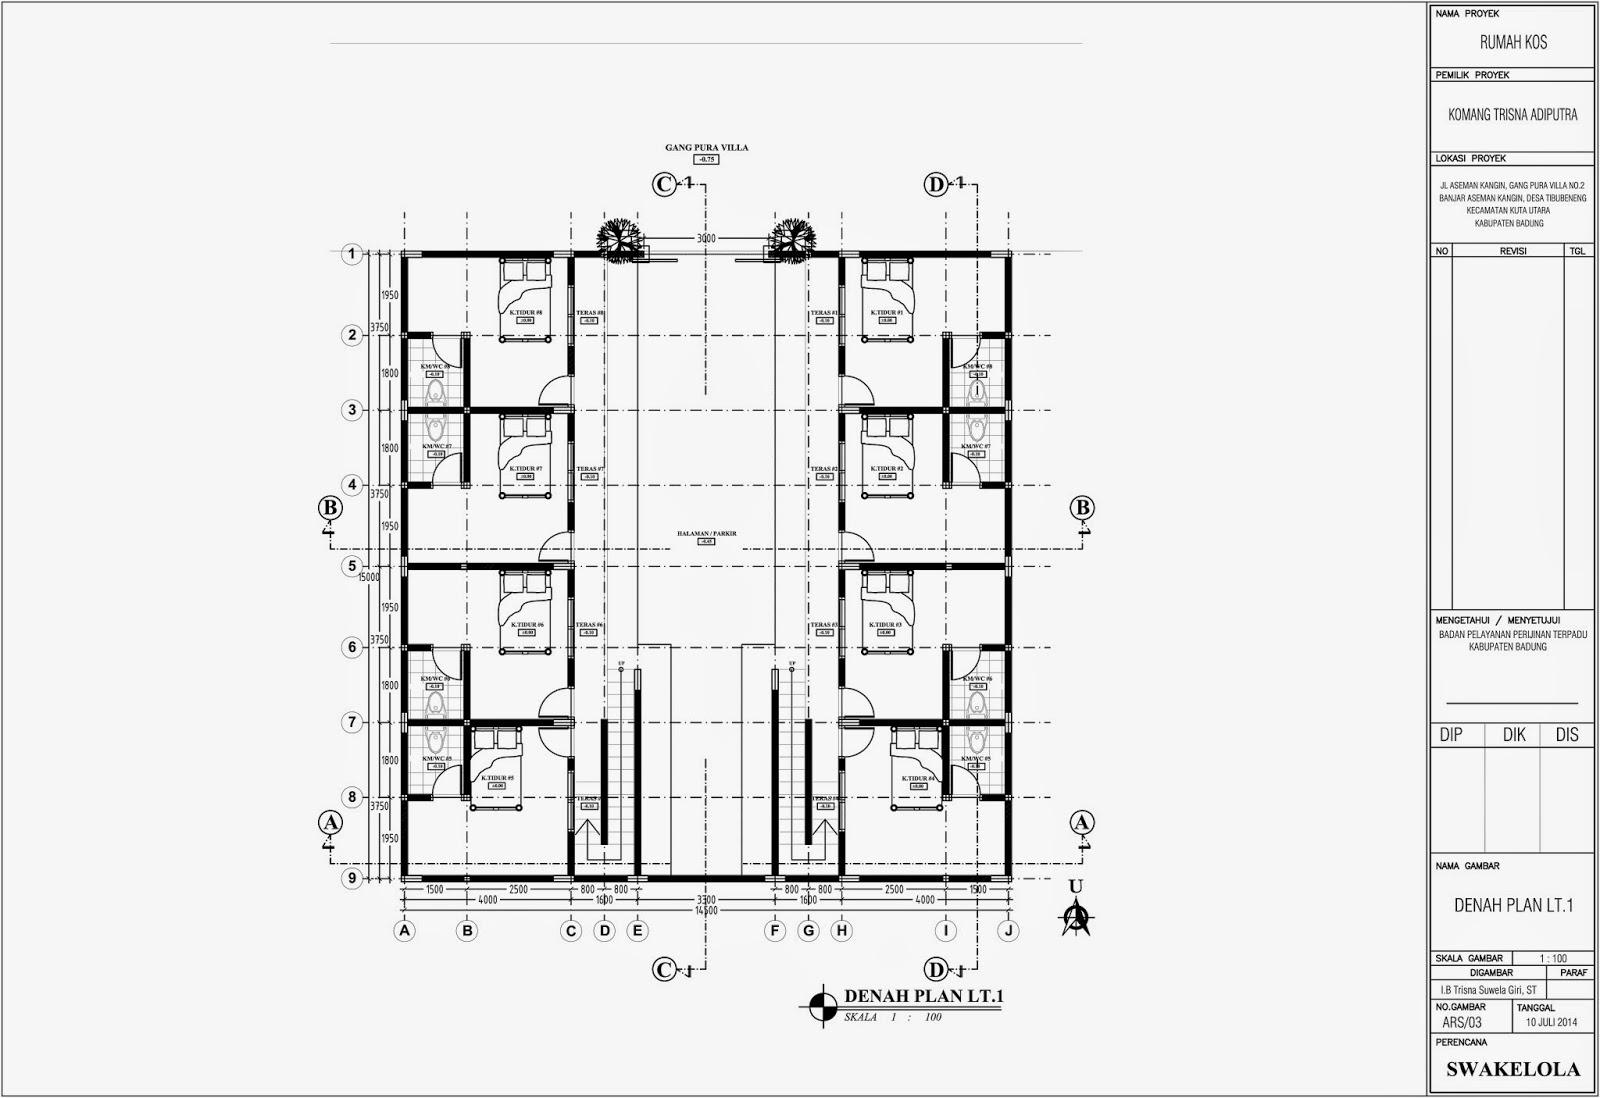 biaya pengurusan imb jasa arsitekjasa desain rumah